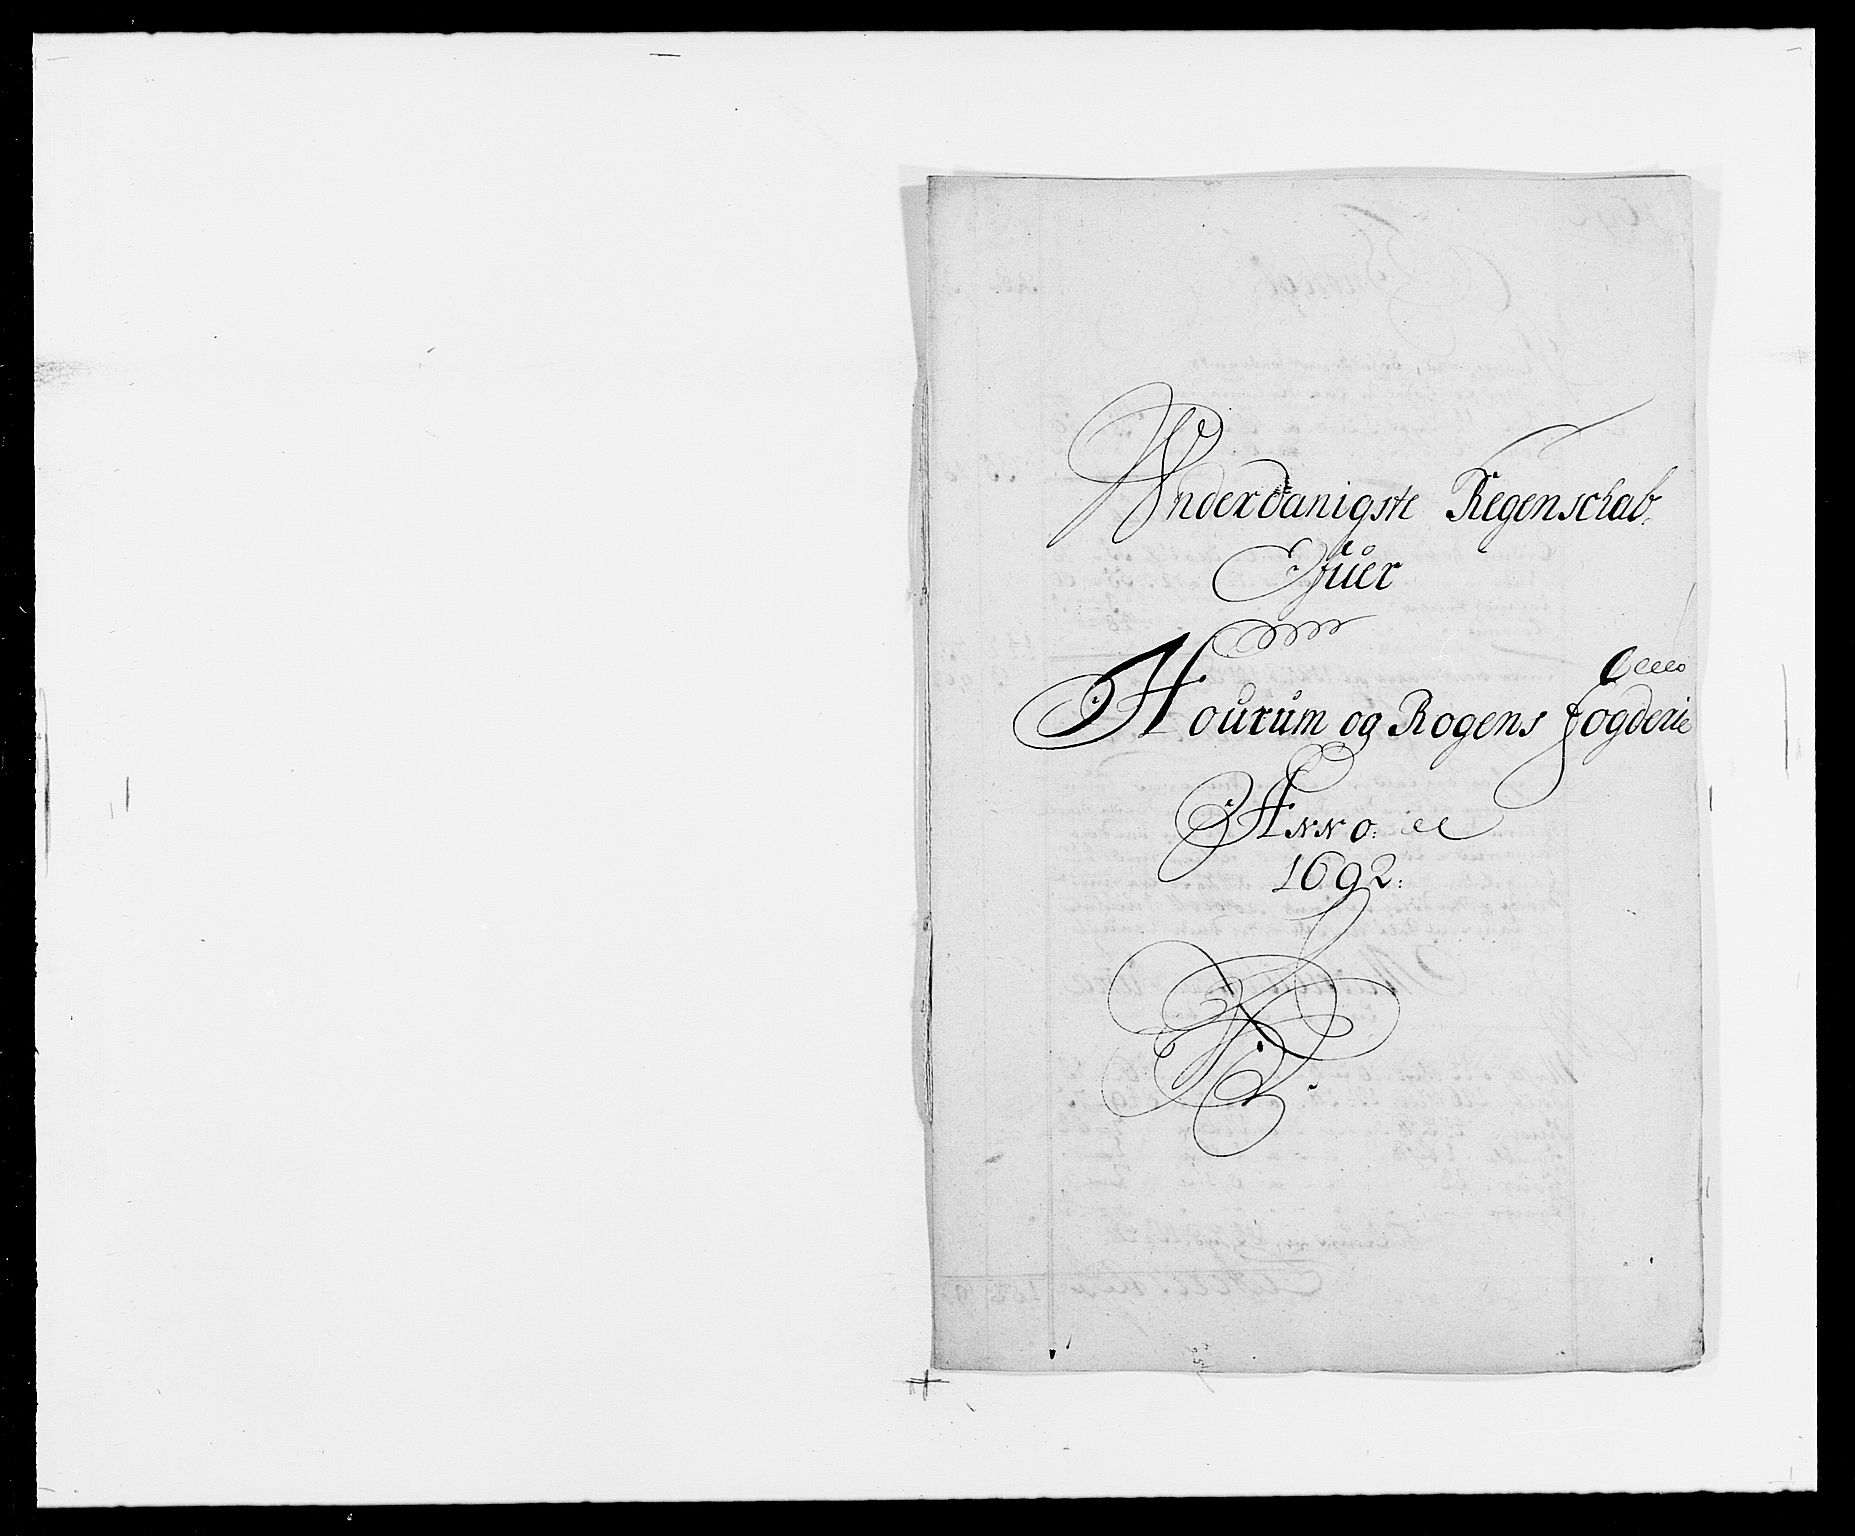 RA, Rentekammeret inntil 1814, Reviderte regnskaper, Fogderegnskap, R29/L1693: Fogderegnskap Hurum og Røyken, 1688-1693, s. 235